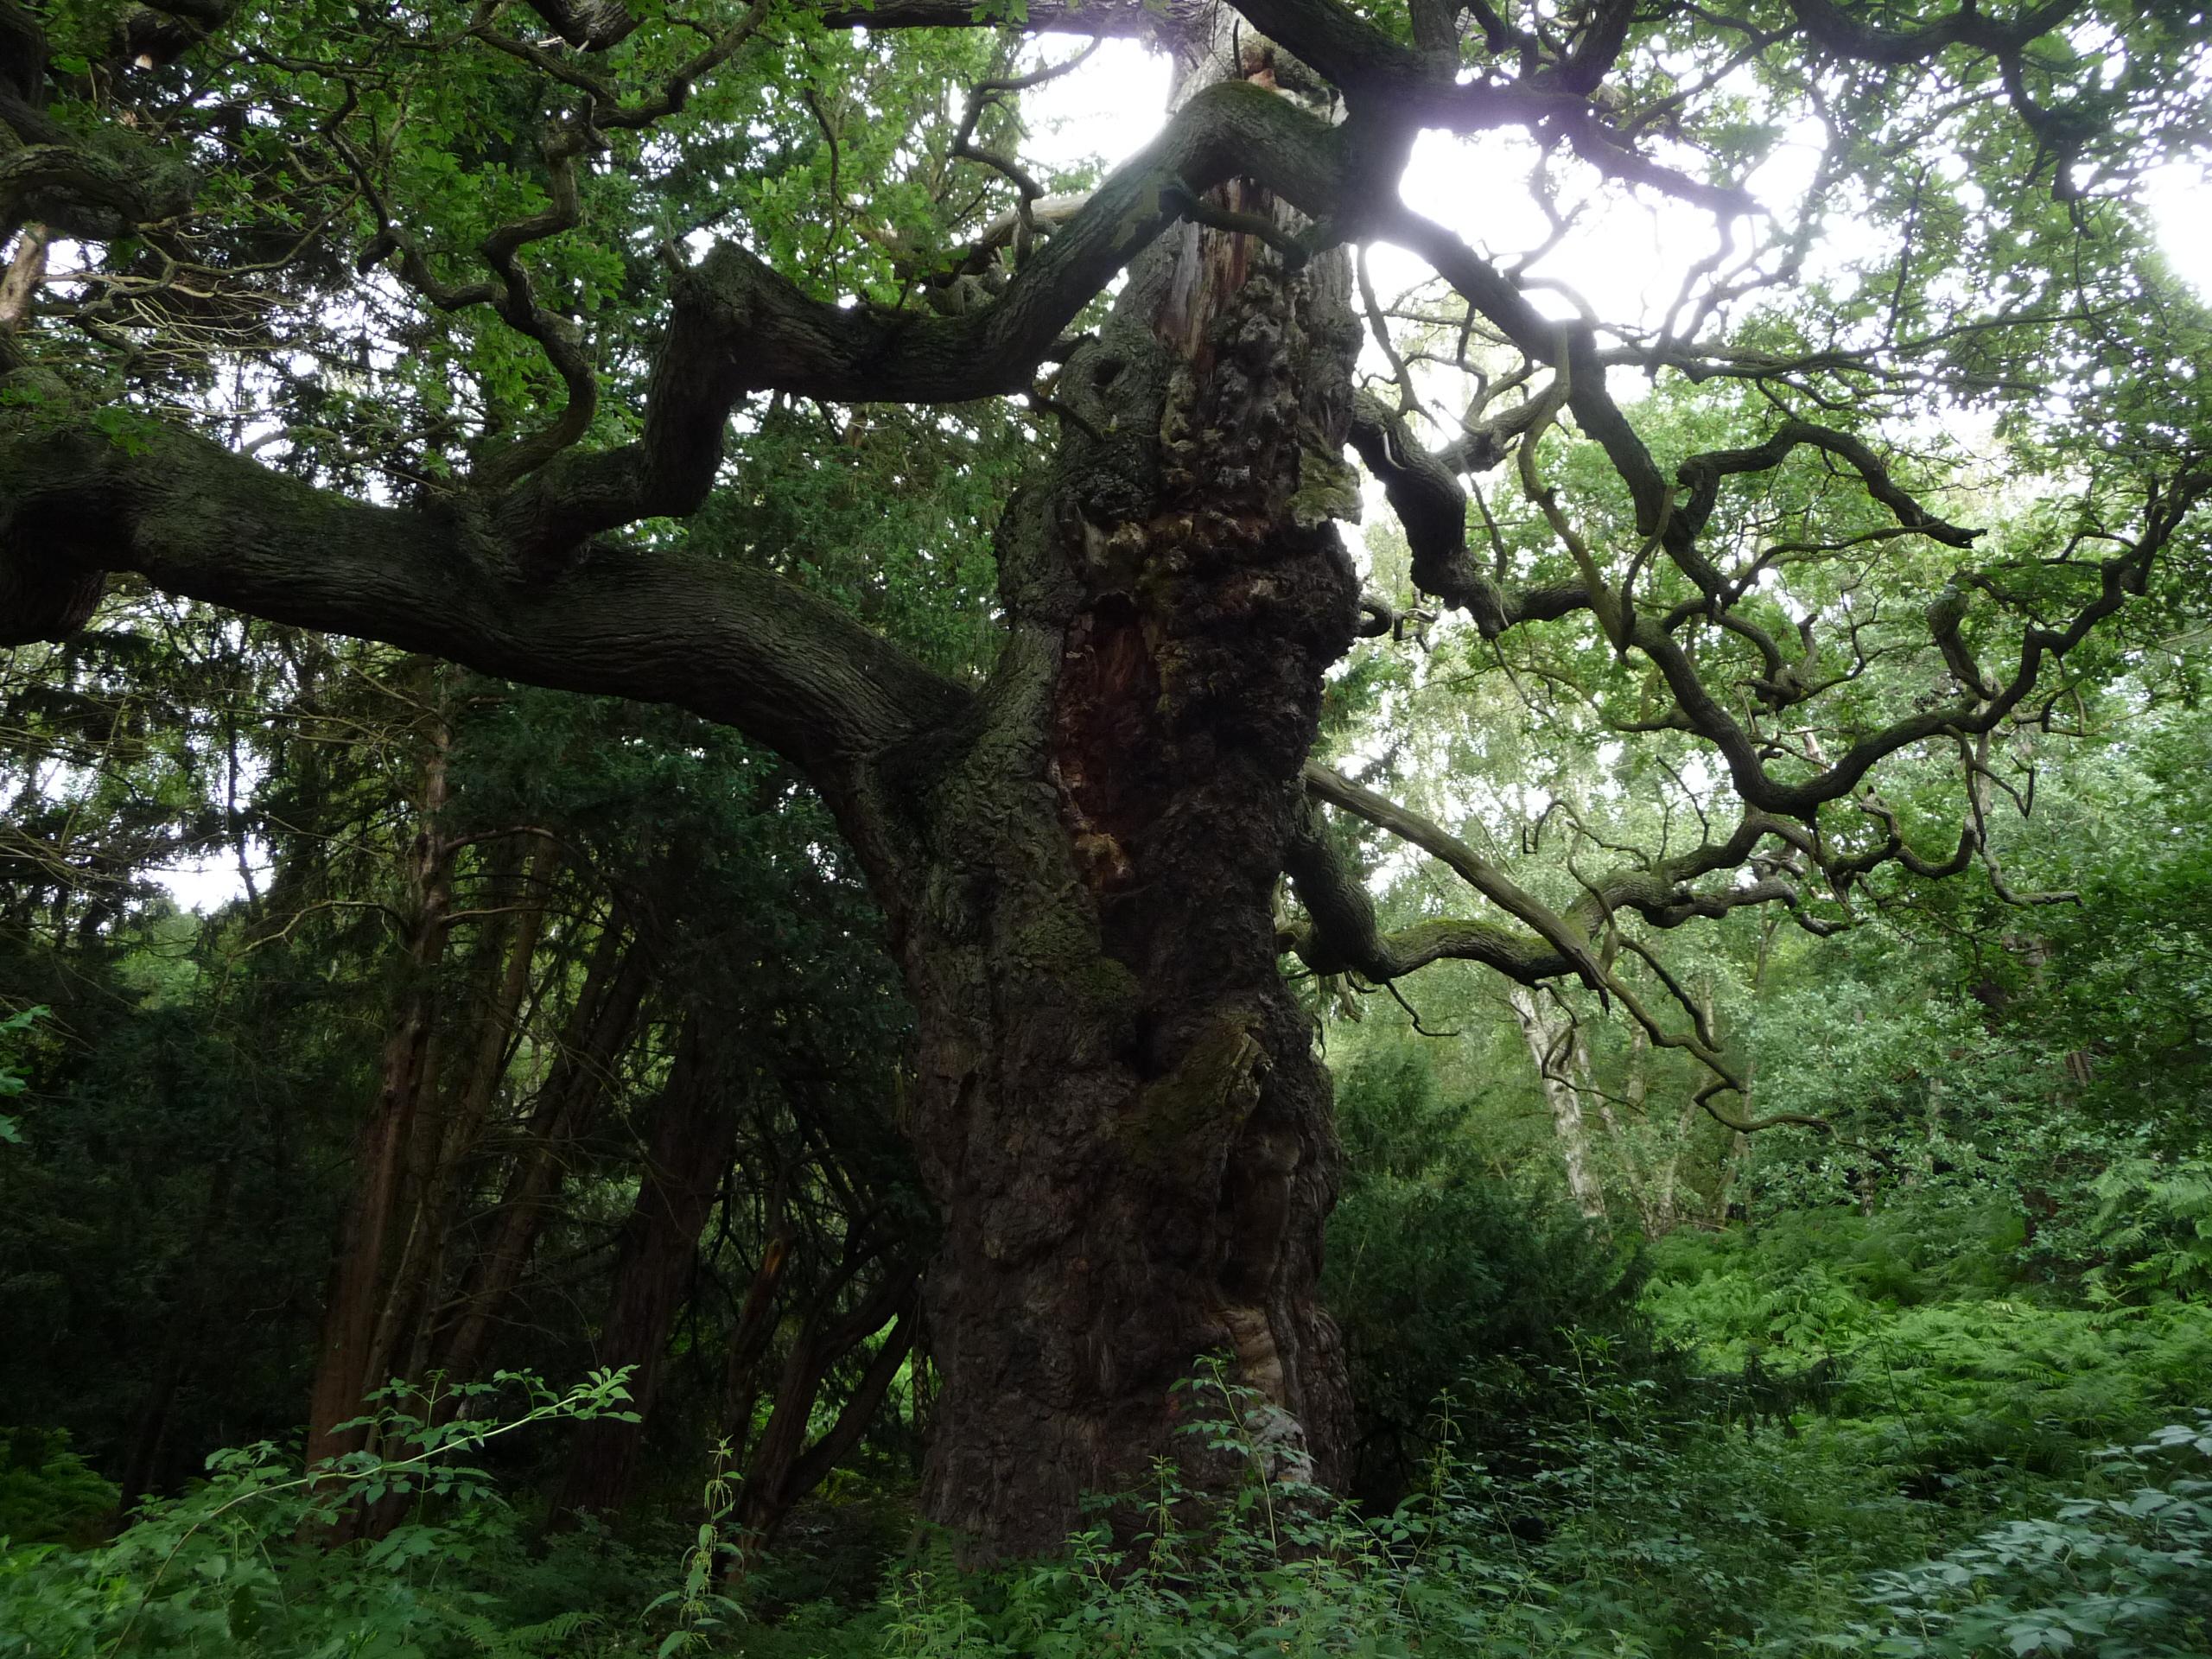 erdei élőhelyek az erdő találkozásánál)